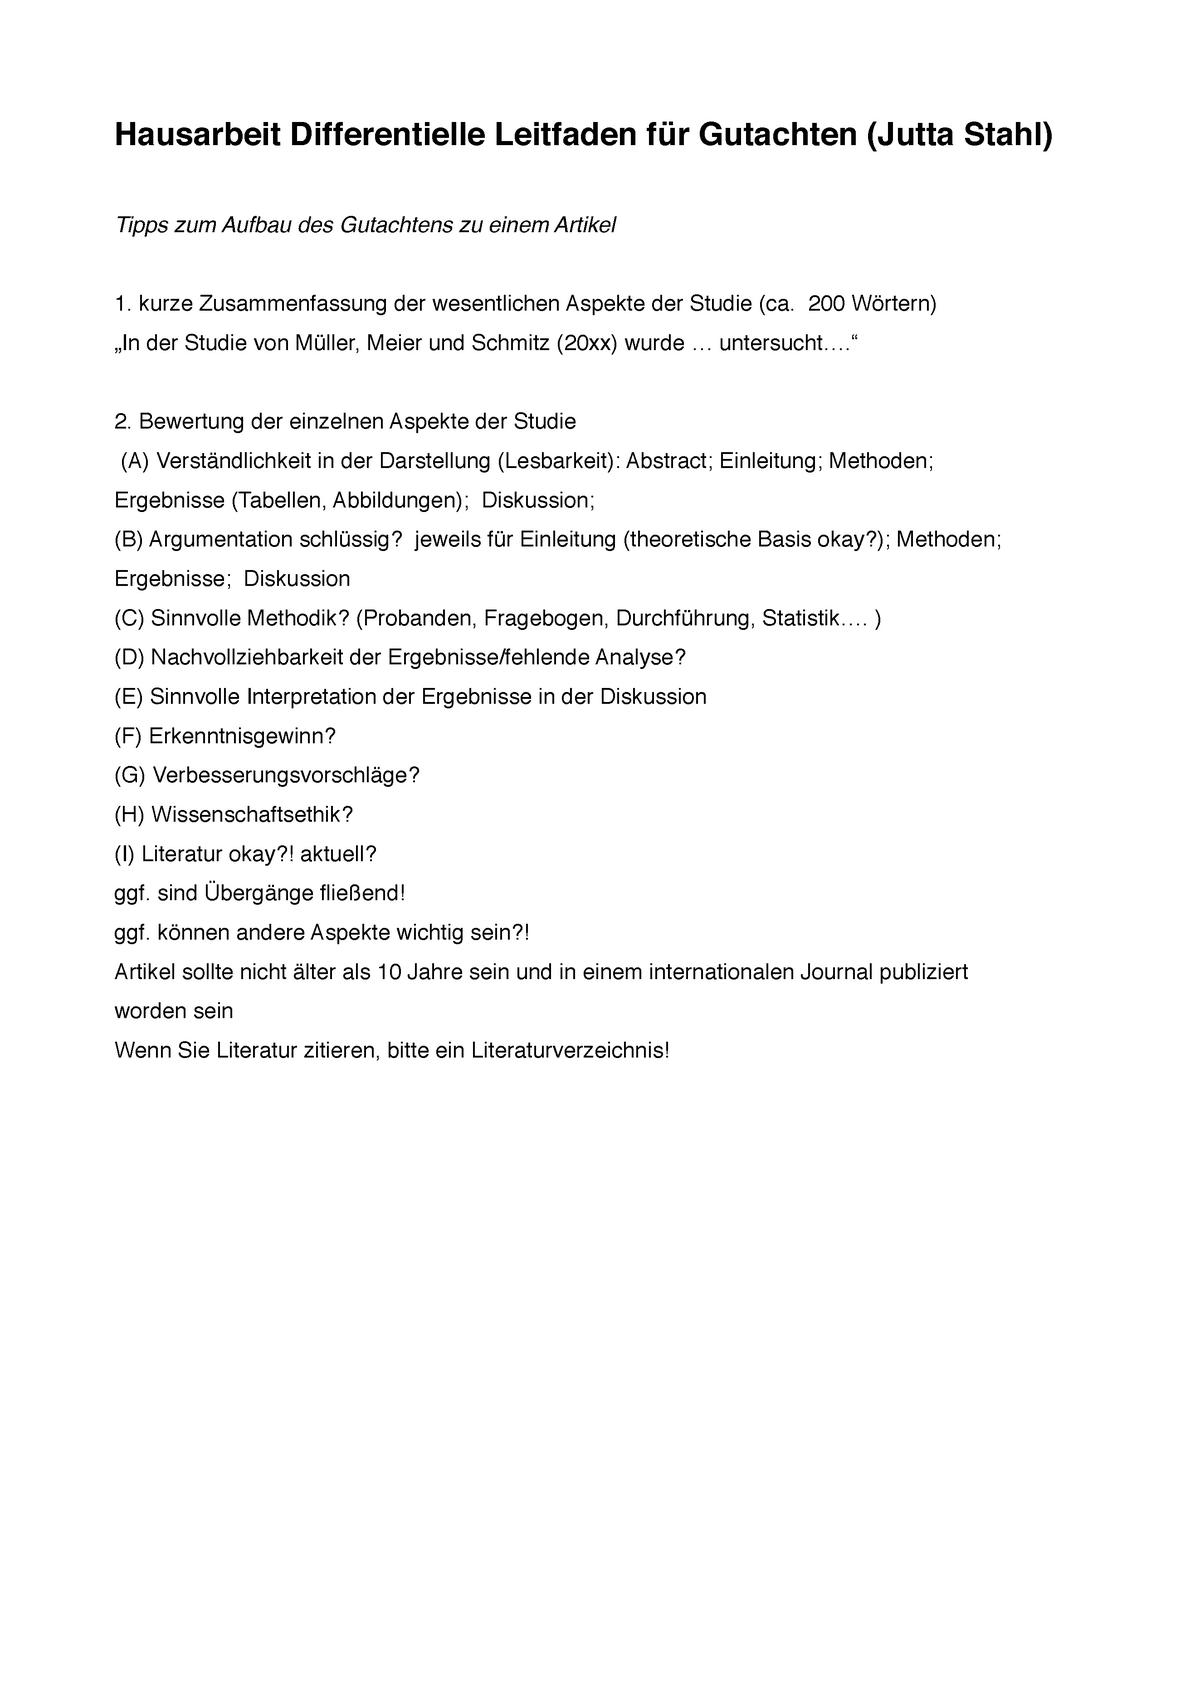 Leitfaden Für Gutachten Der Differentiellen Hausarbeit Uzuk001